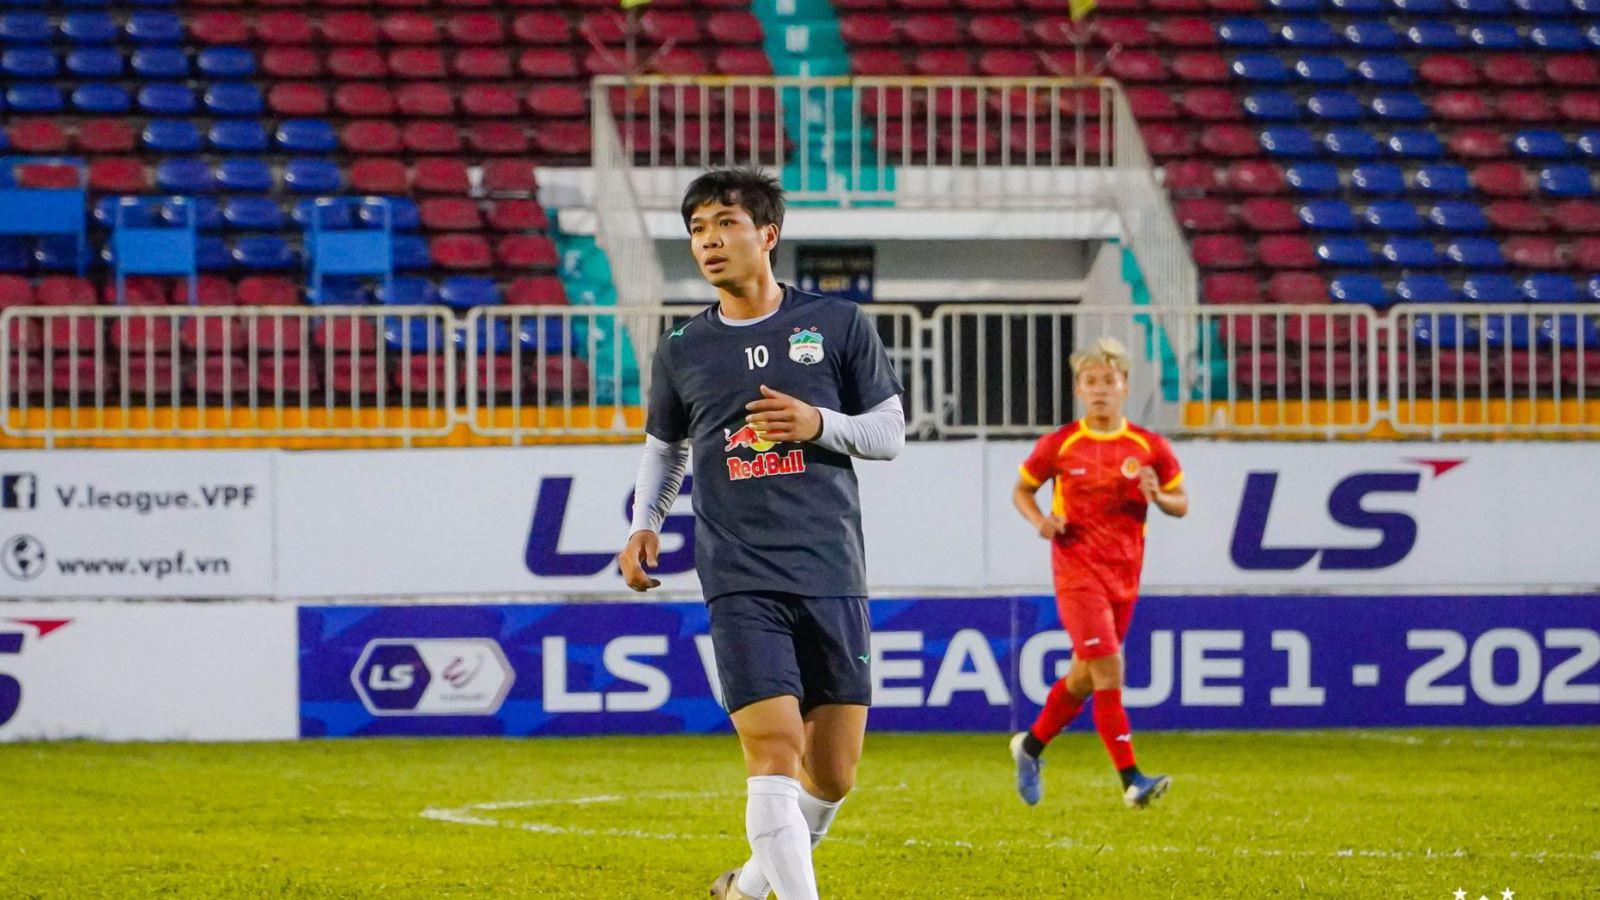 bóng đá Việt Nam, tin tức bóng đá, Công Phượng, HAGL, HAGL vs Bình Định, trực tiếp bóng đá V-League, Hải Phòng vs Hà Nội, lịch thi đấu V-League vòng 3